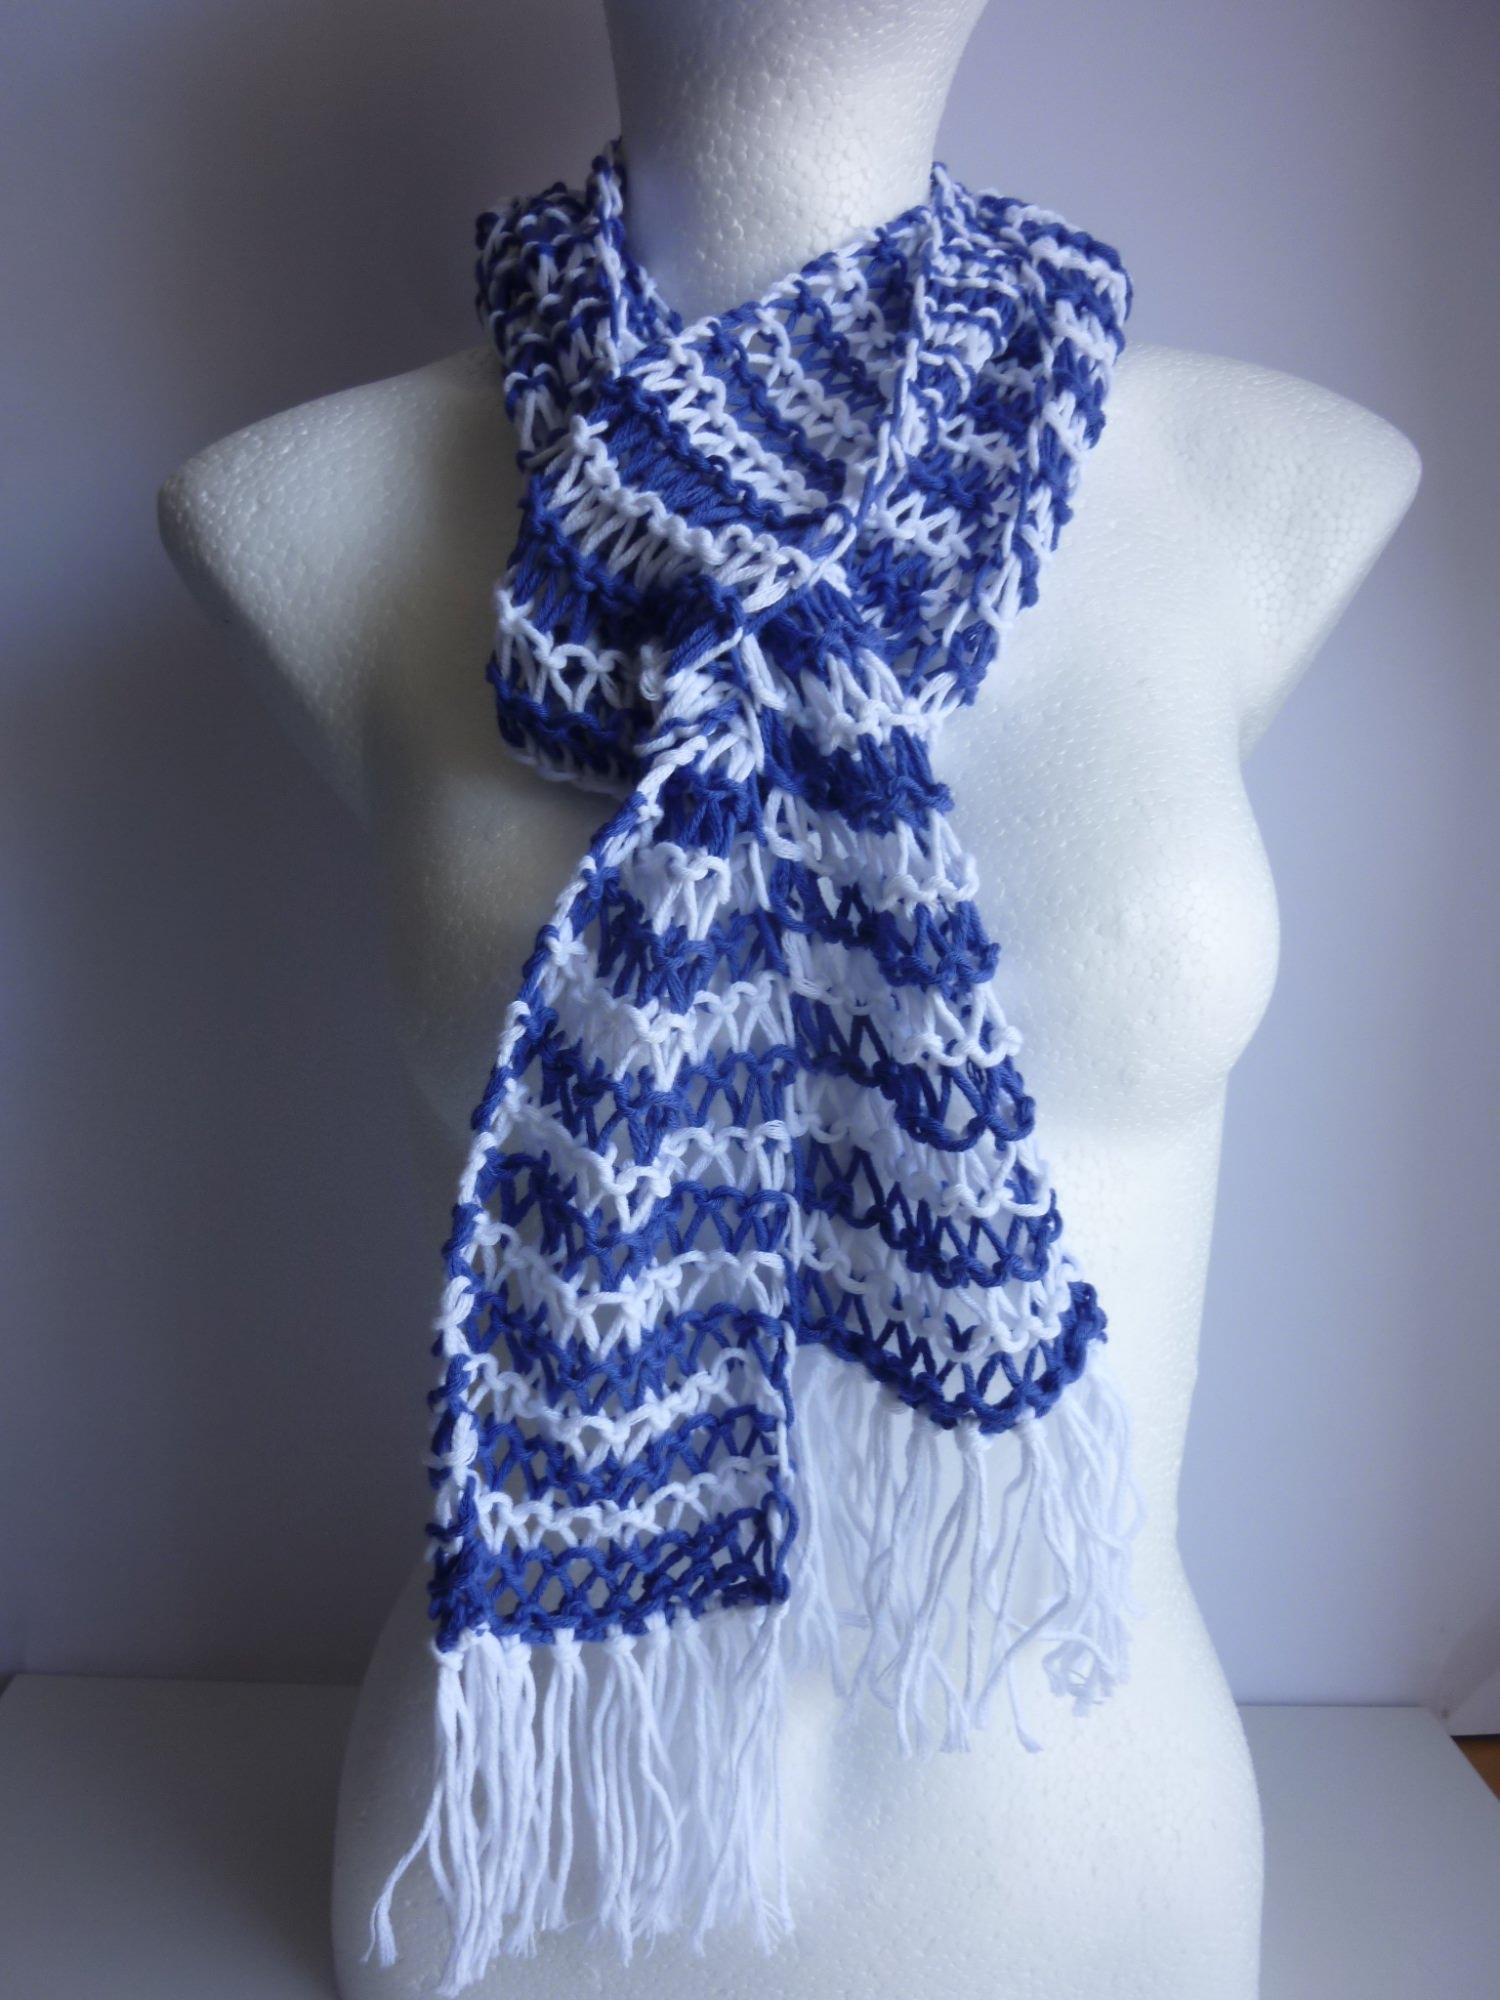 - Sommerschal weiß blau gestreift Baumwolle Bio handgestrickt - Sommerschal weiß blau gestreift Baumwolle Bio handgestrickt